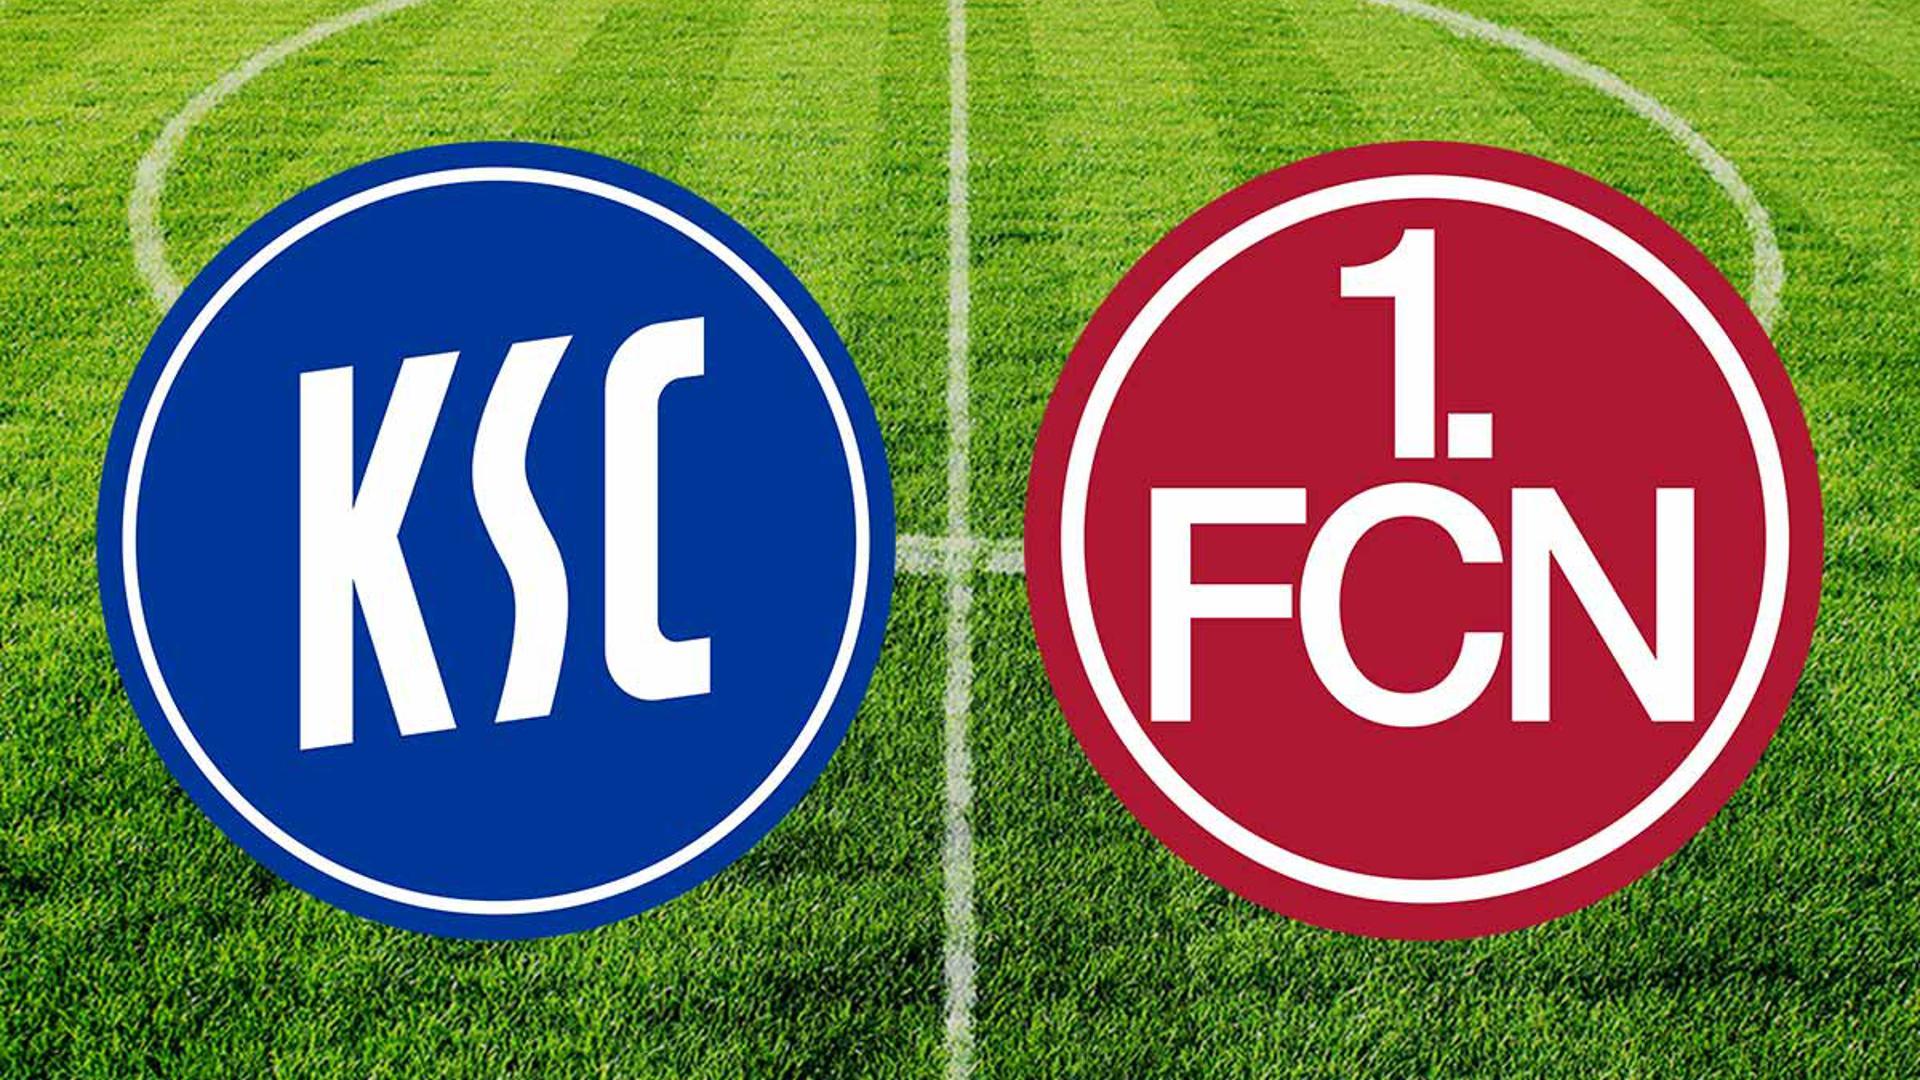 Der KSC empfängt um 13.30 Uhr den 1. FC Nürnberg im Wildparkstadion.